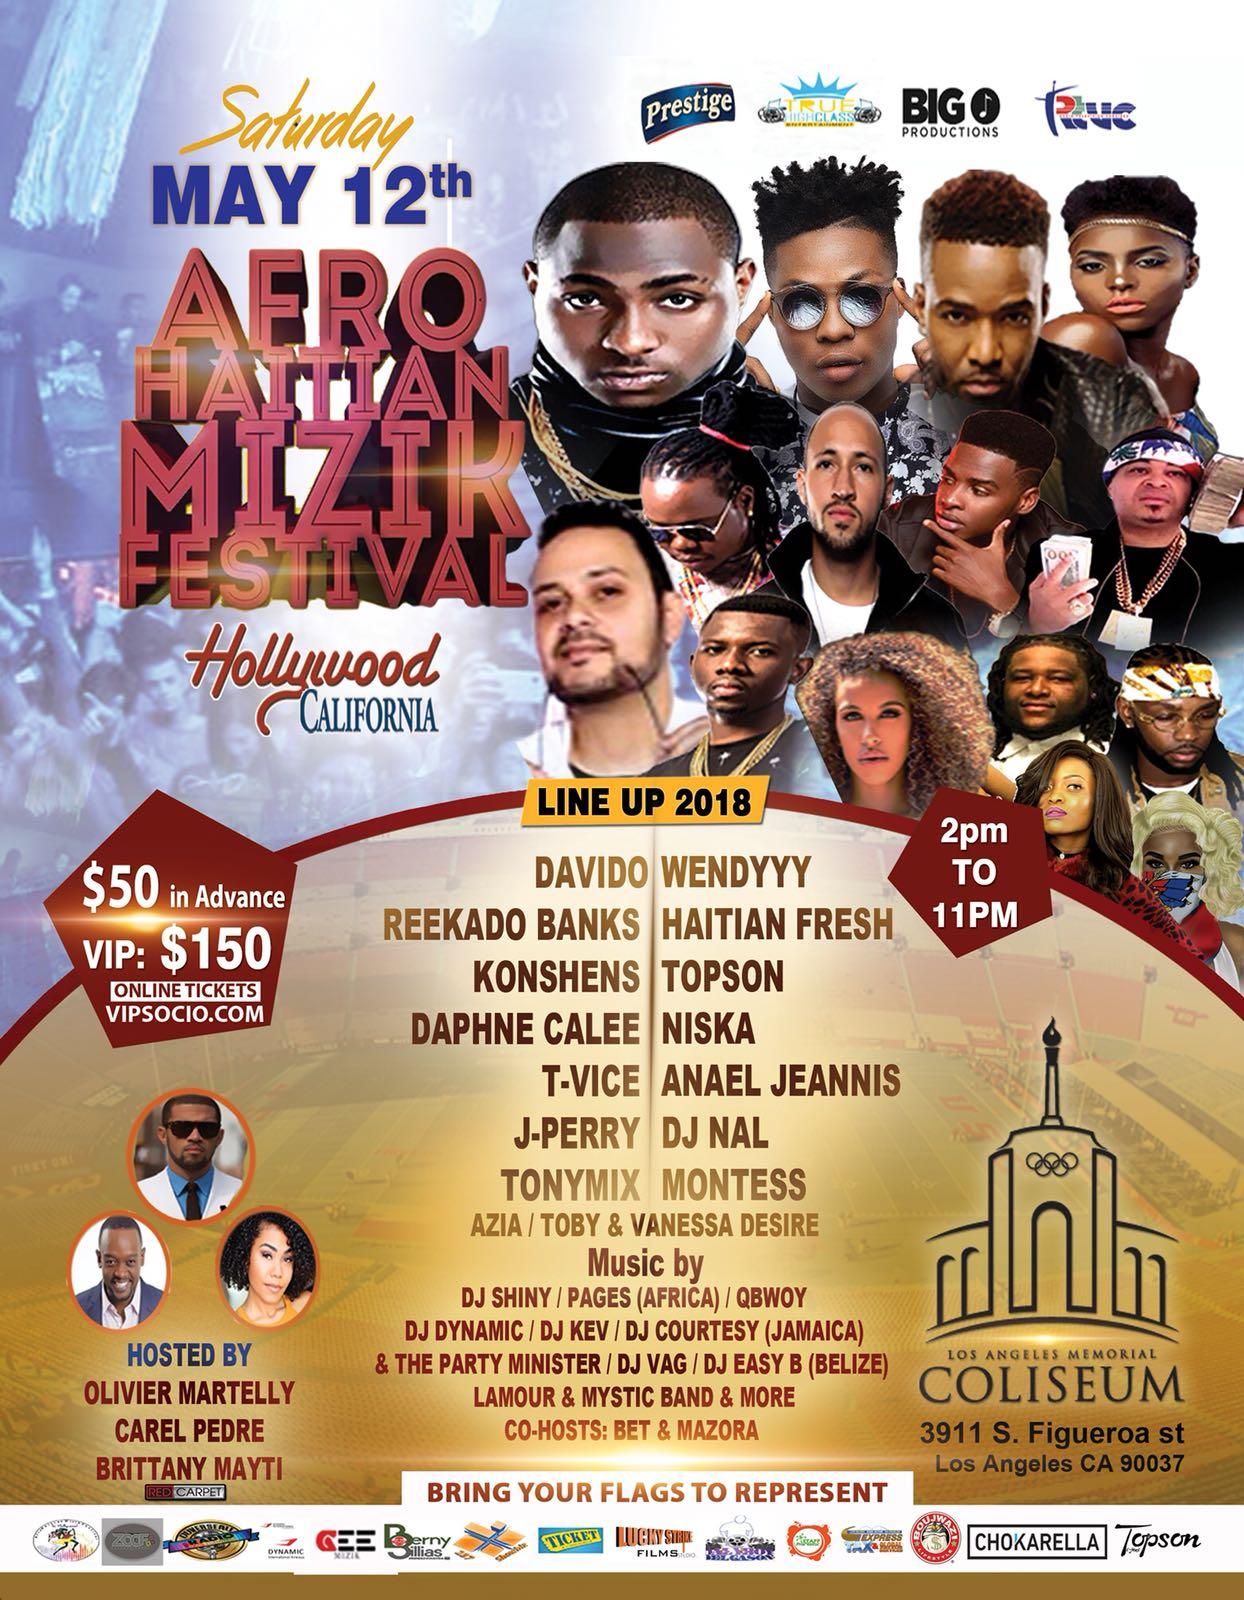 Afro Haitian Mizik Festival